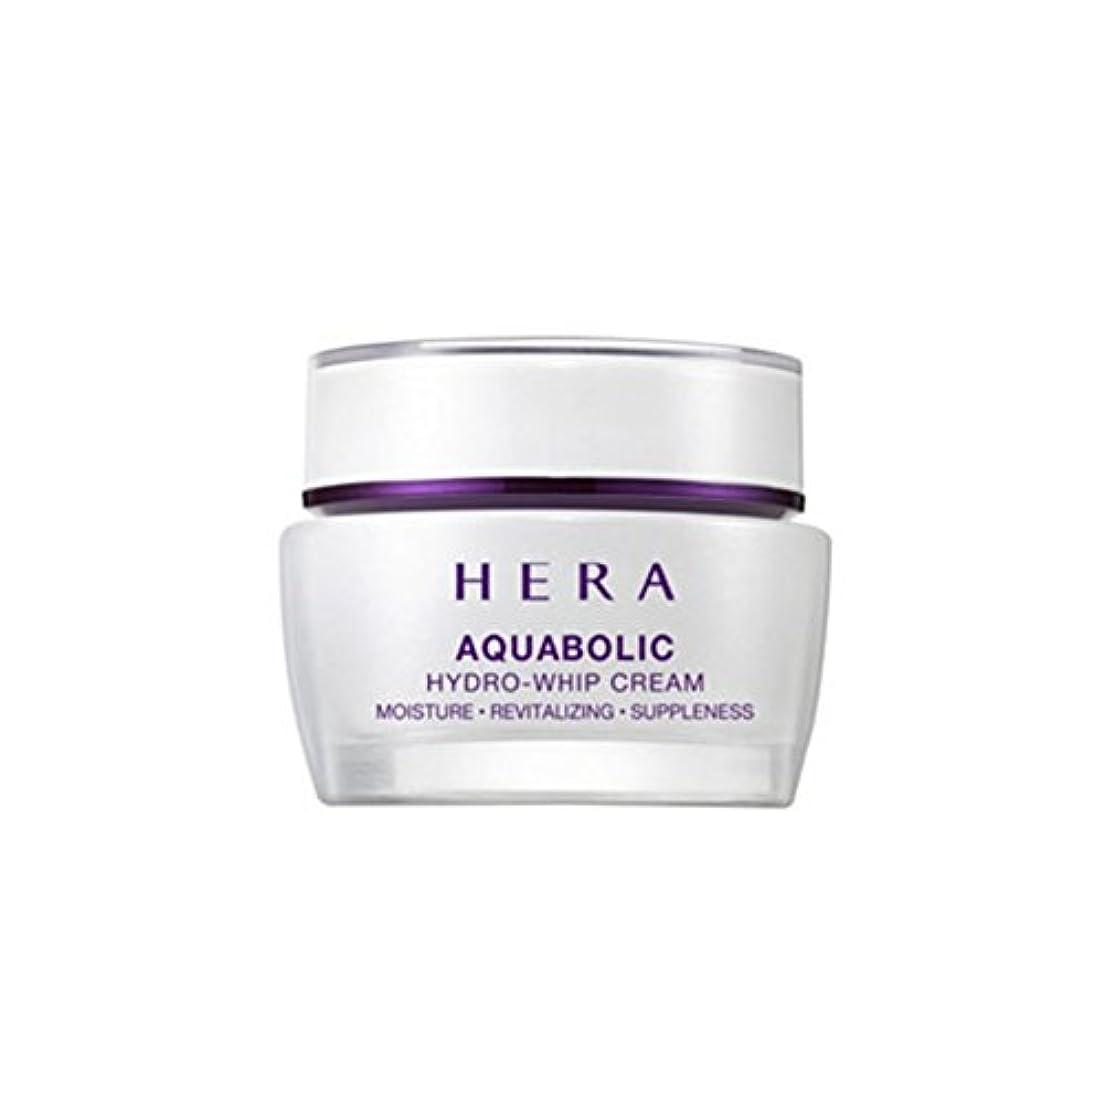 ラダ懐疑論解く(ヘラ) HERA Aquabolic Hydro-Whip Cream アクアボリックハイドロホイップ クリーム (韓国直発送) oopspanda